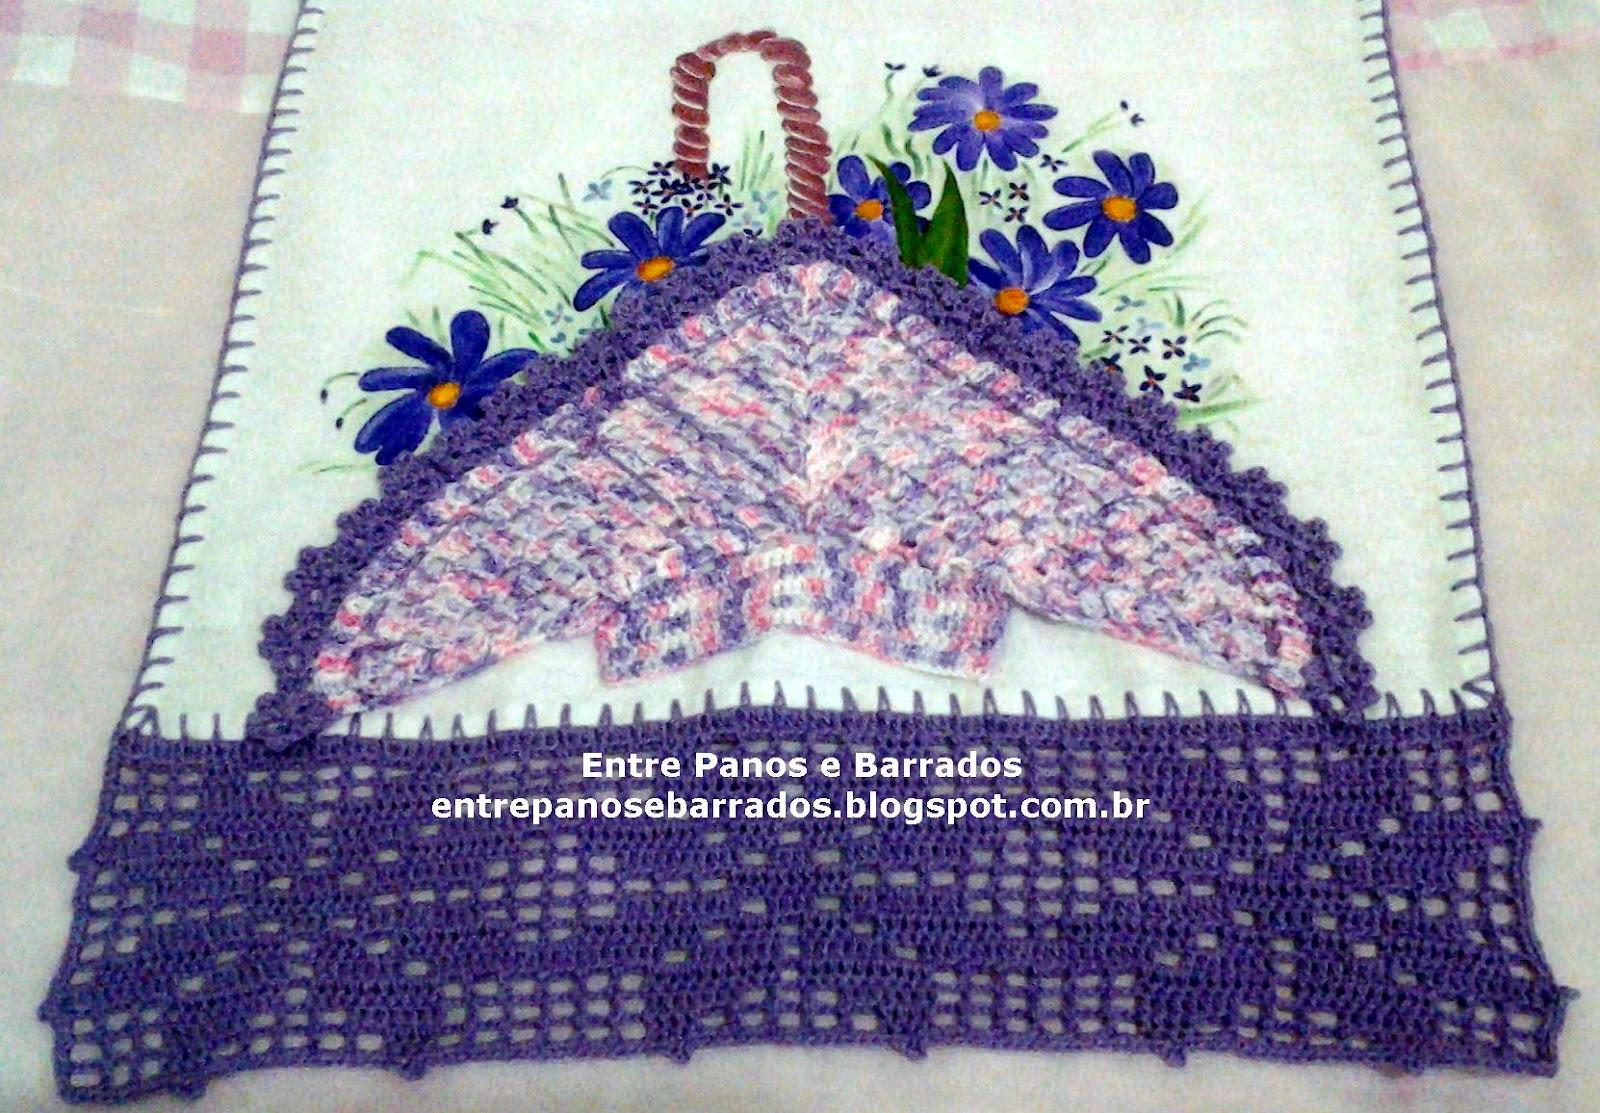 crochê hoje e apliquei a cesta de crochê também.Particularmente